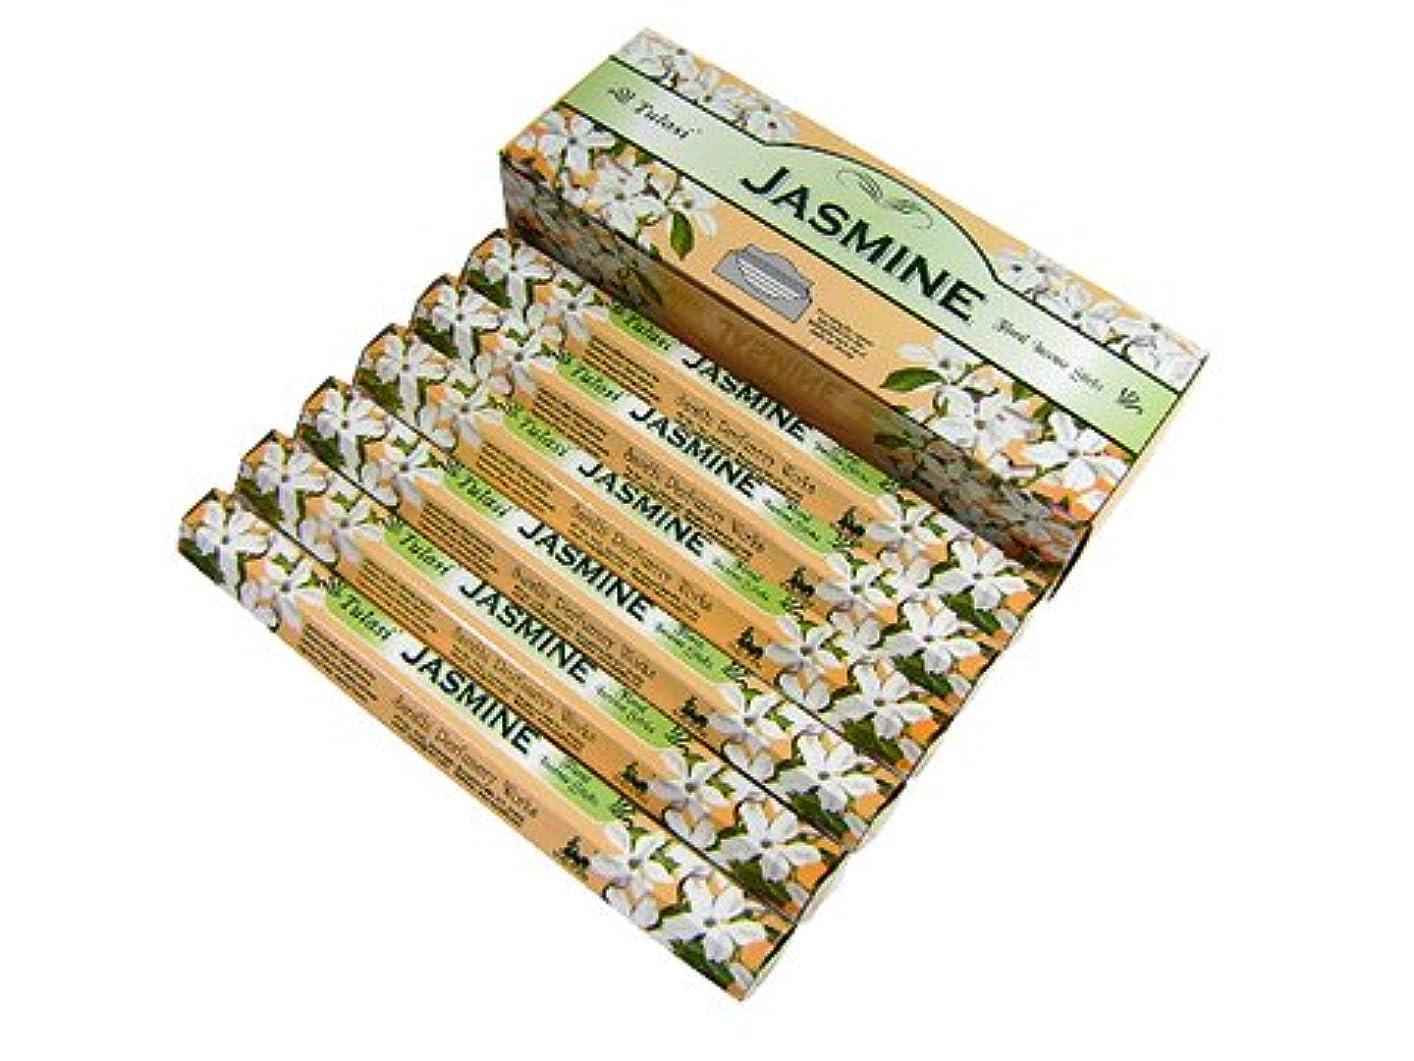 付添人ファイアル競合他社選手TULASI(トゥラシ) ジャスミン香 スティック JASMINE 6箱セット